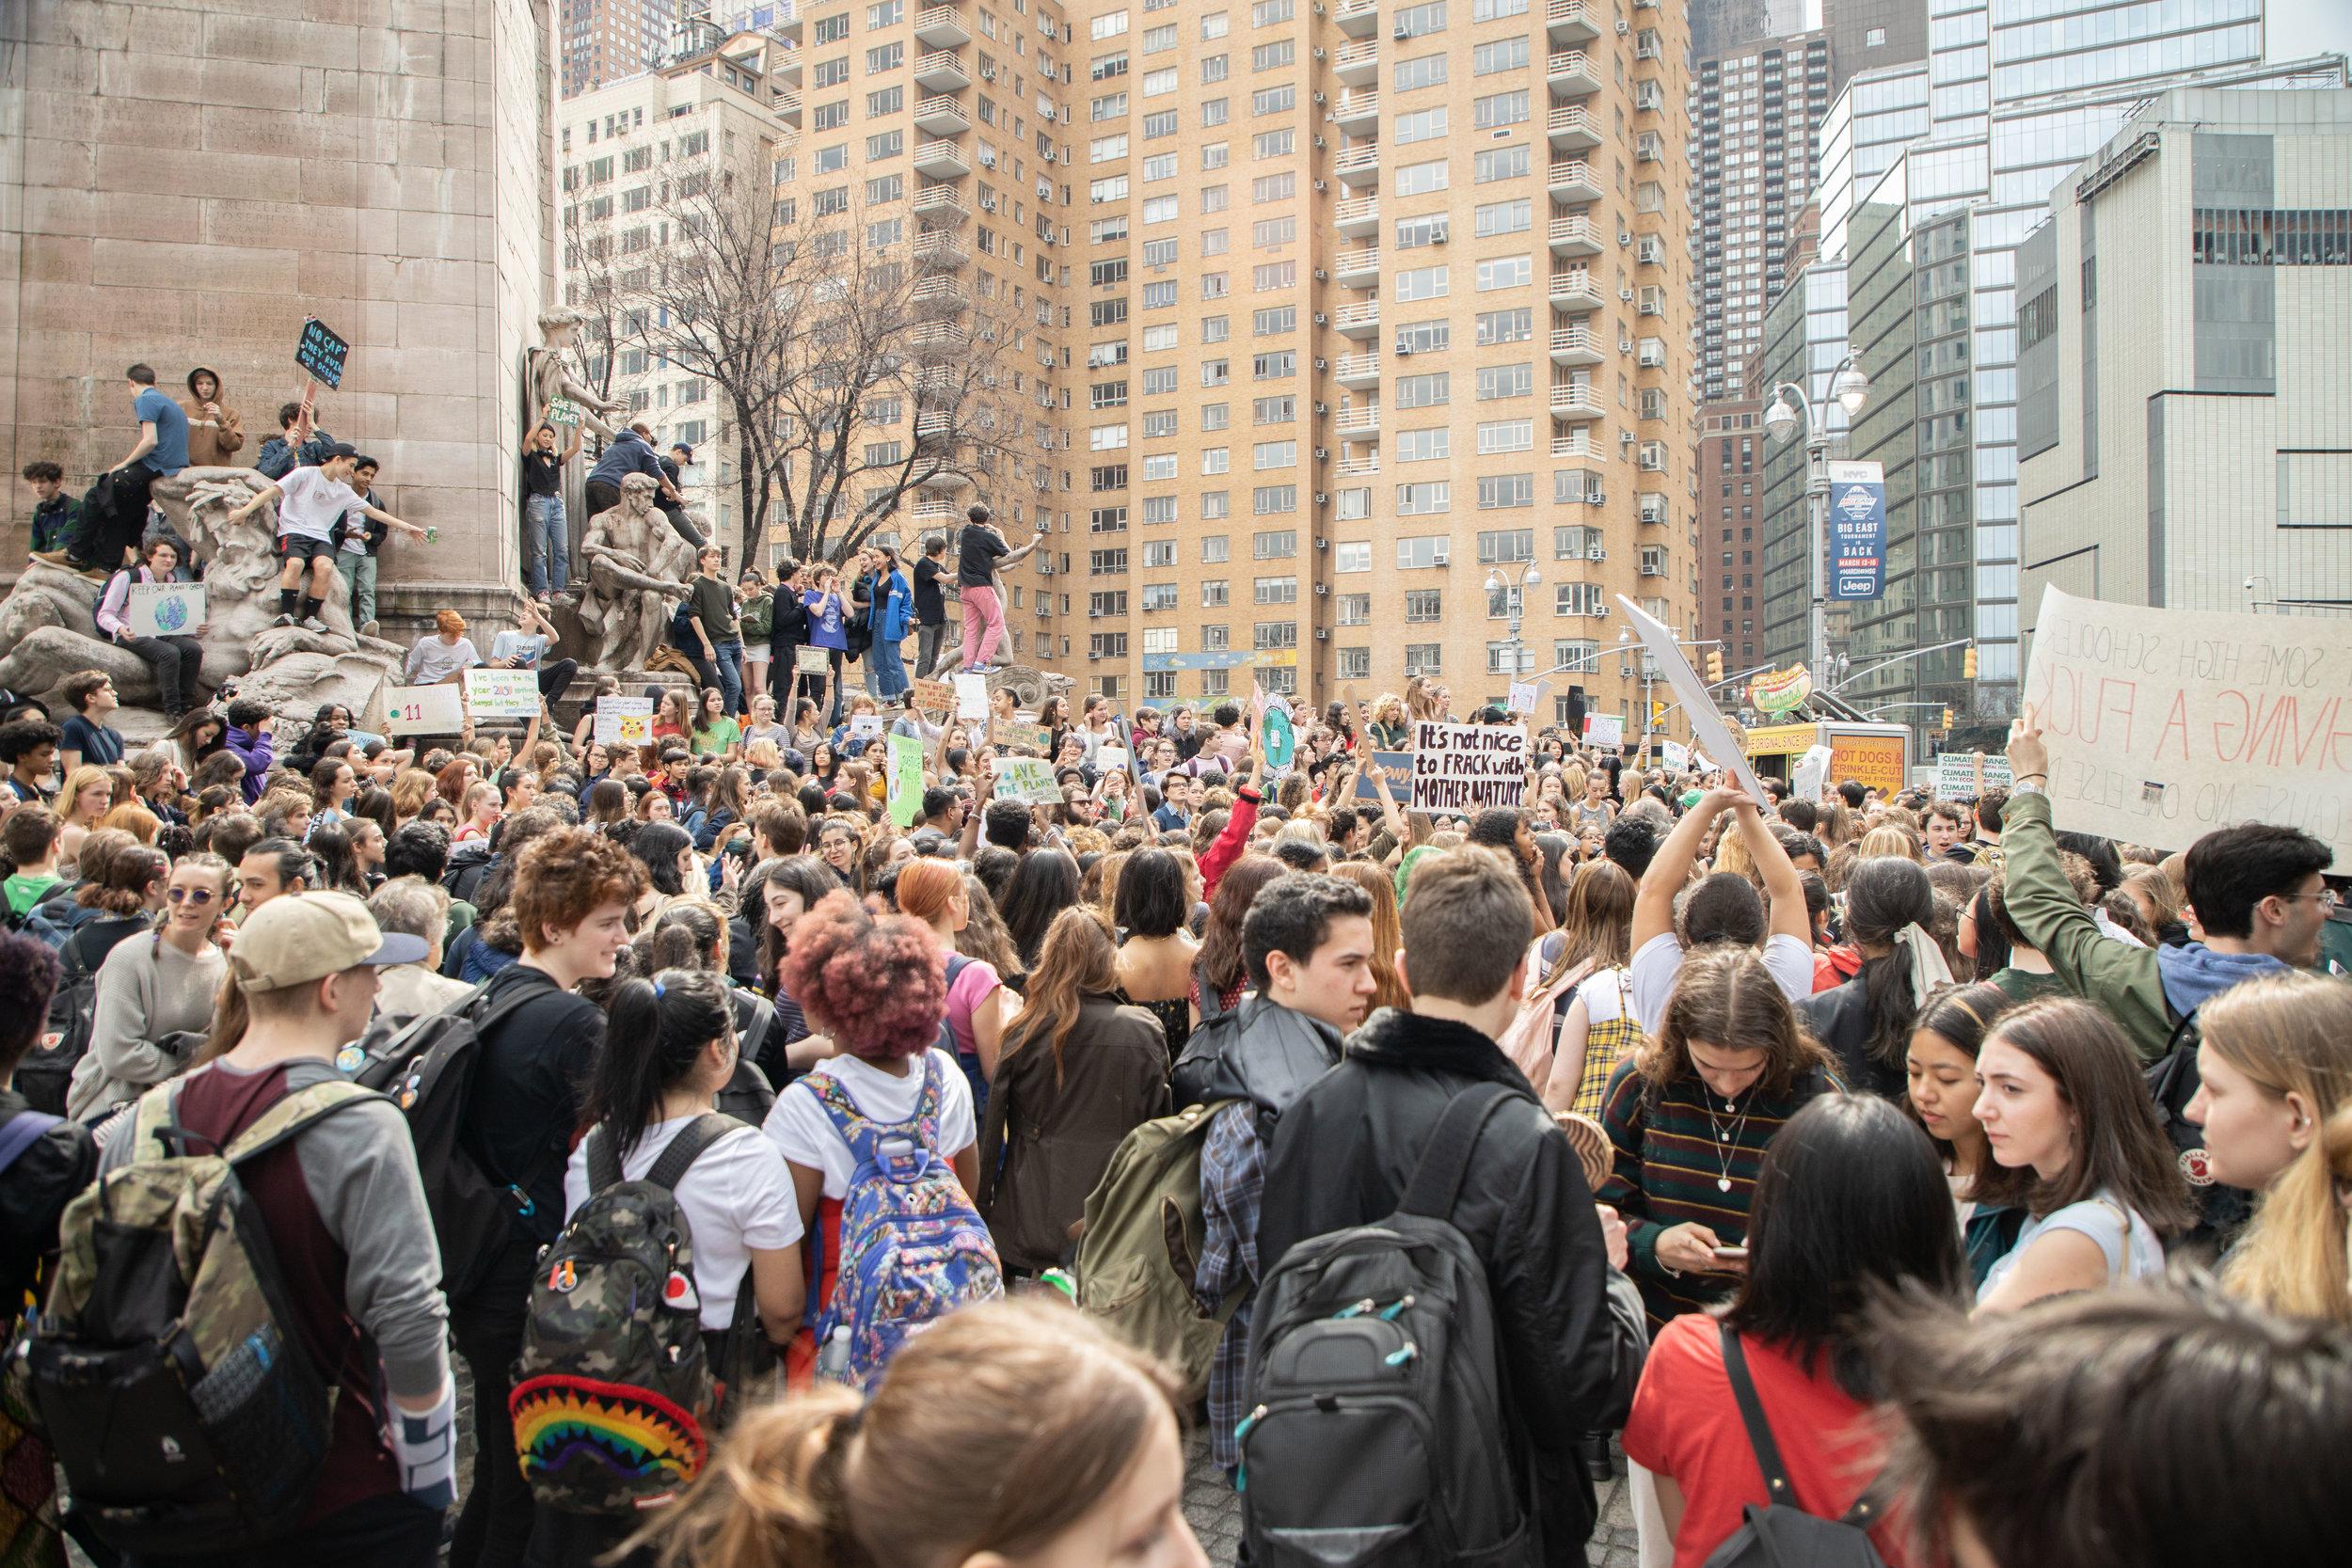 3.15.19_YouthClimateStrike_NYC_ColumbusCircle-25.jpg